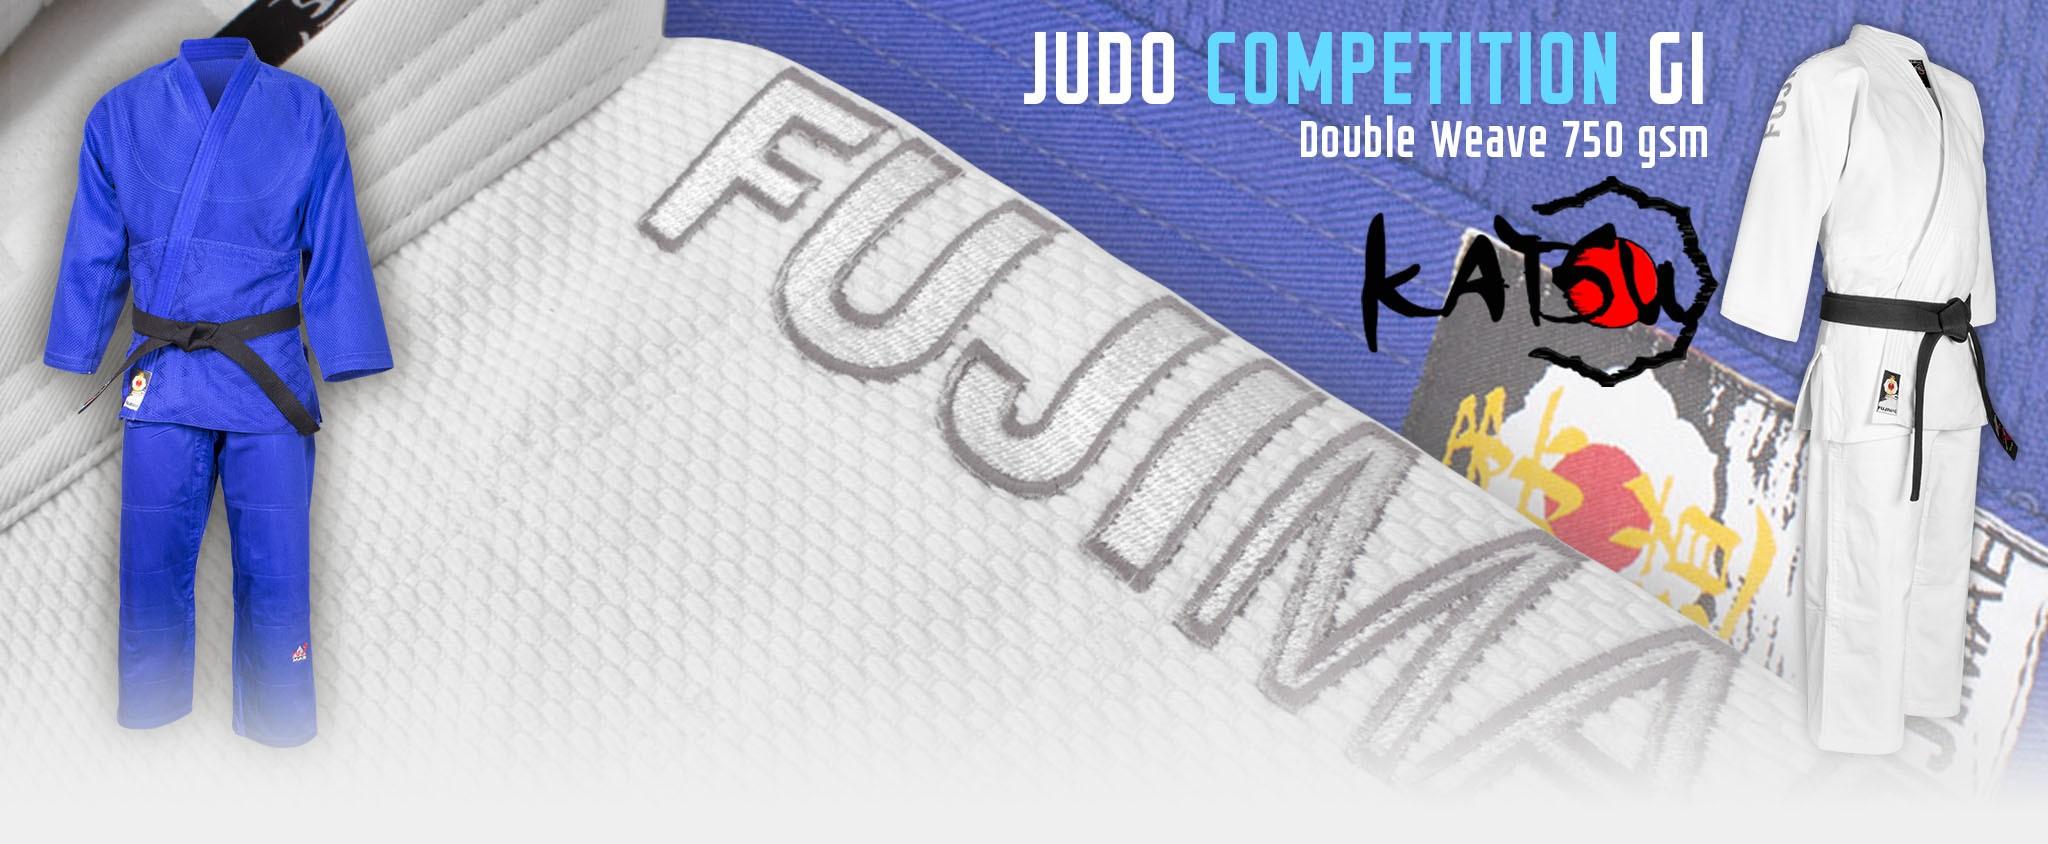 Judo-Gi Katsu